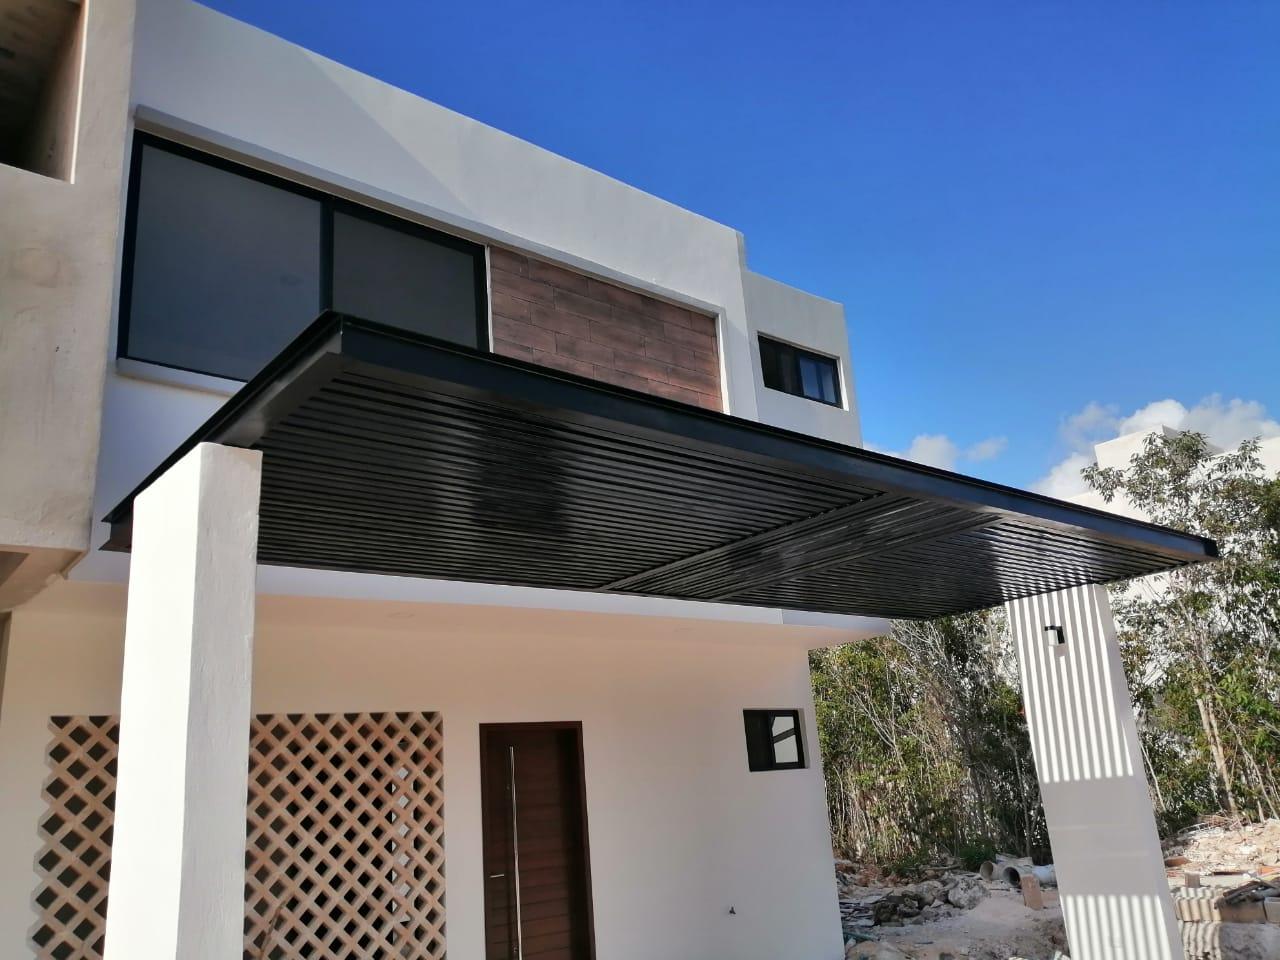 Casa en renta de 2 niveles en Residencial Arbolada con seguridad las 24 horas